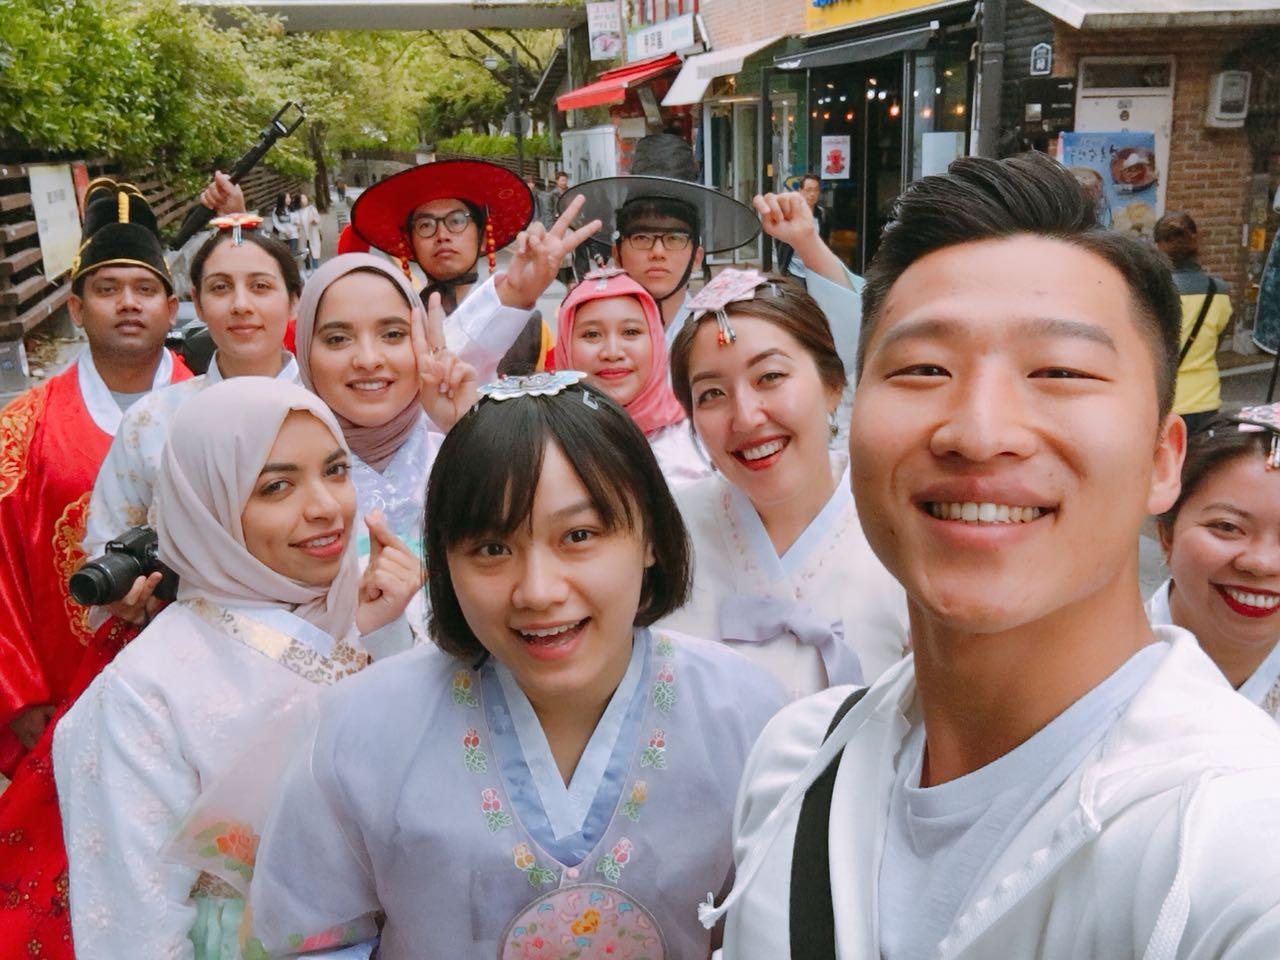 boleh-foto-di-bukchon-village-asal-jangan-berisik-salam-korea-5